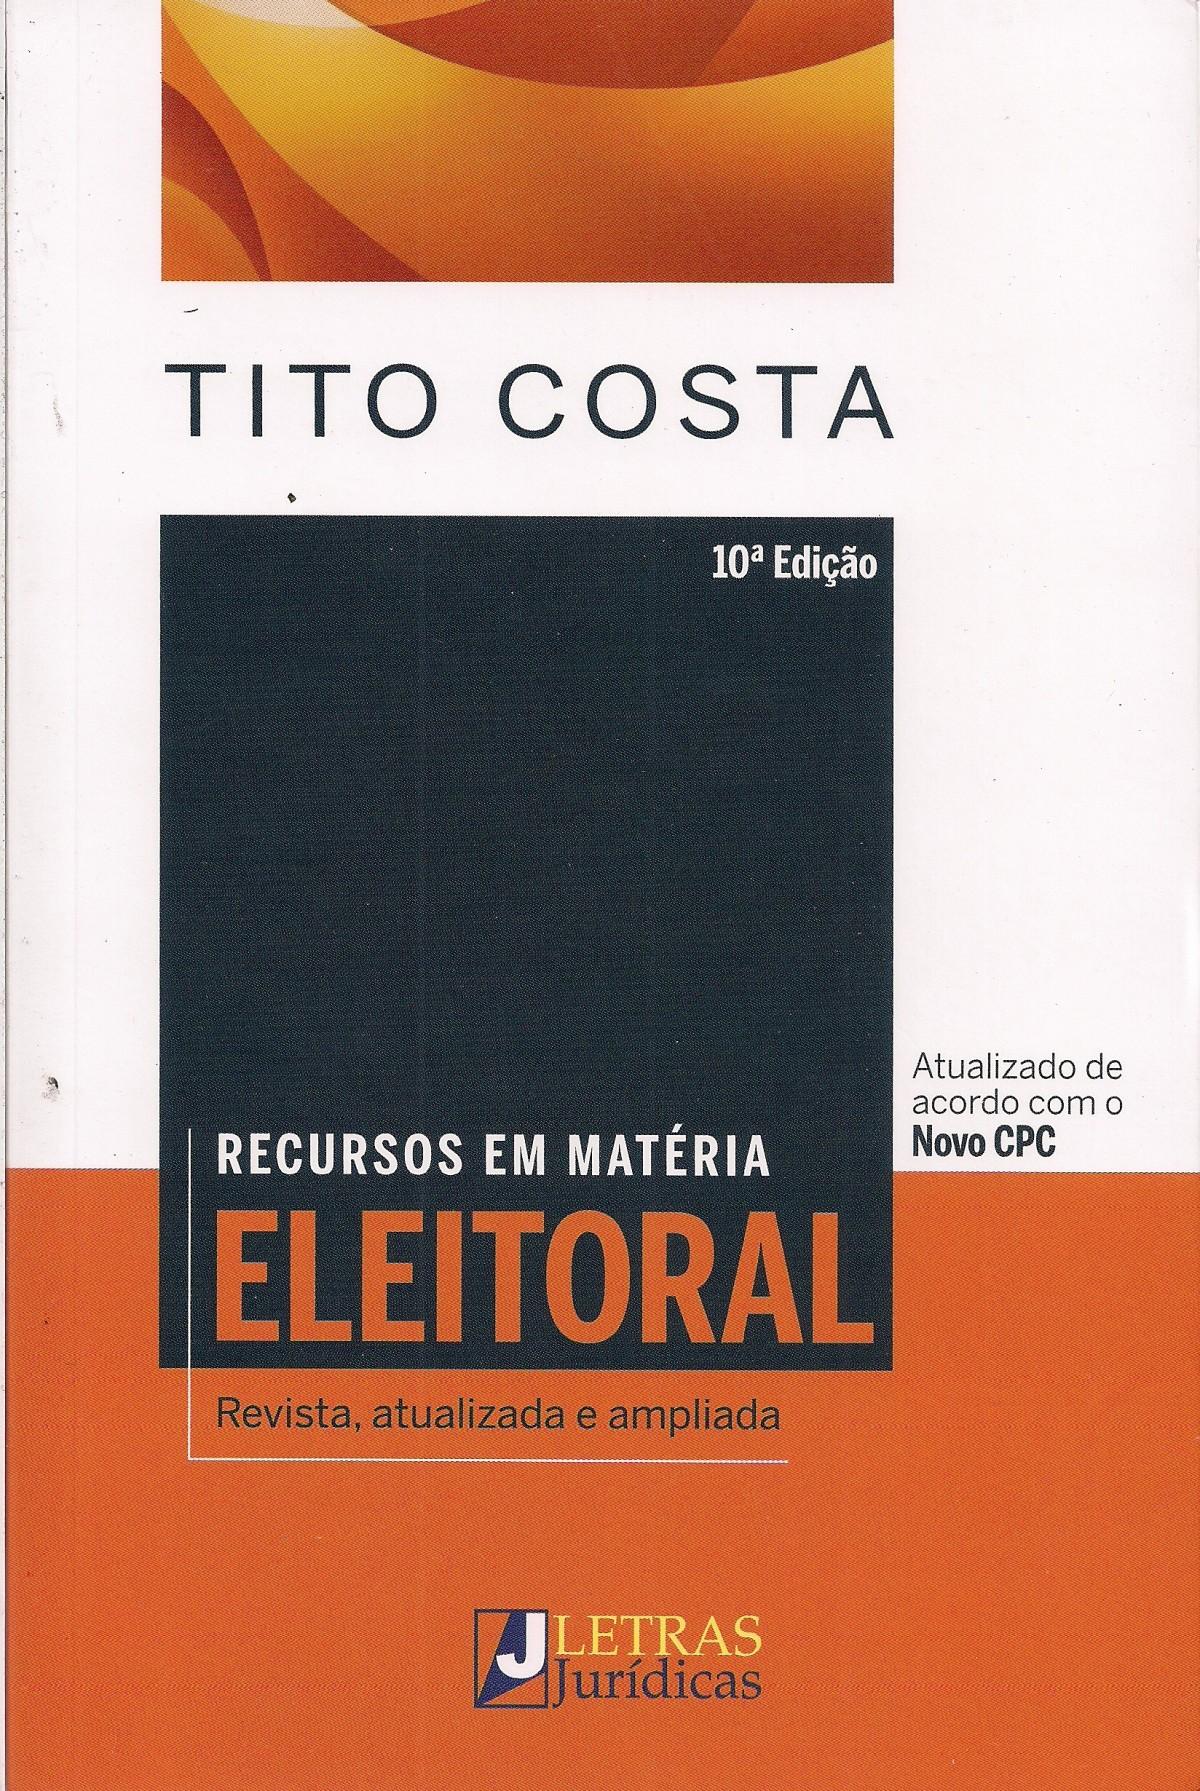 Foto 1 - Recursos em Matéria Eleitoral - Revista,atualizada e ampliada